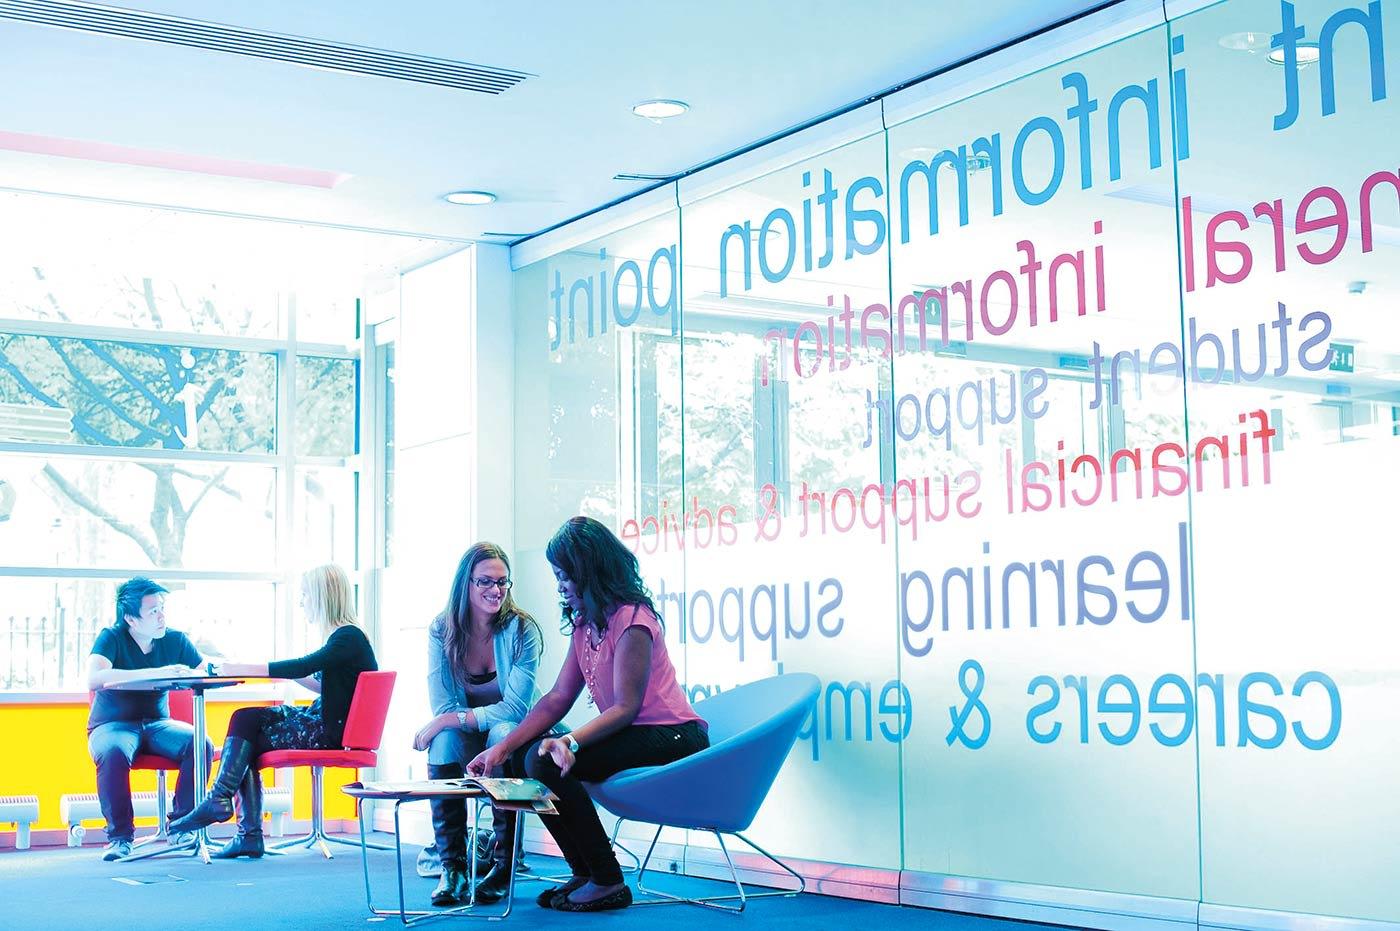 سيزودك موظفو جامعة ميتروبوليتان بمانشستر بمجموعة من وسائل الدعم التي تساعدك على تحقيق أهدافك